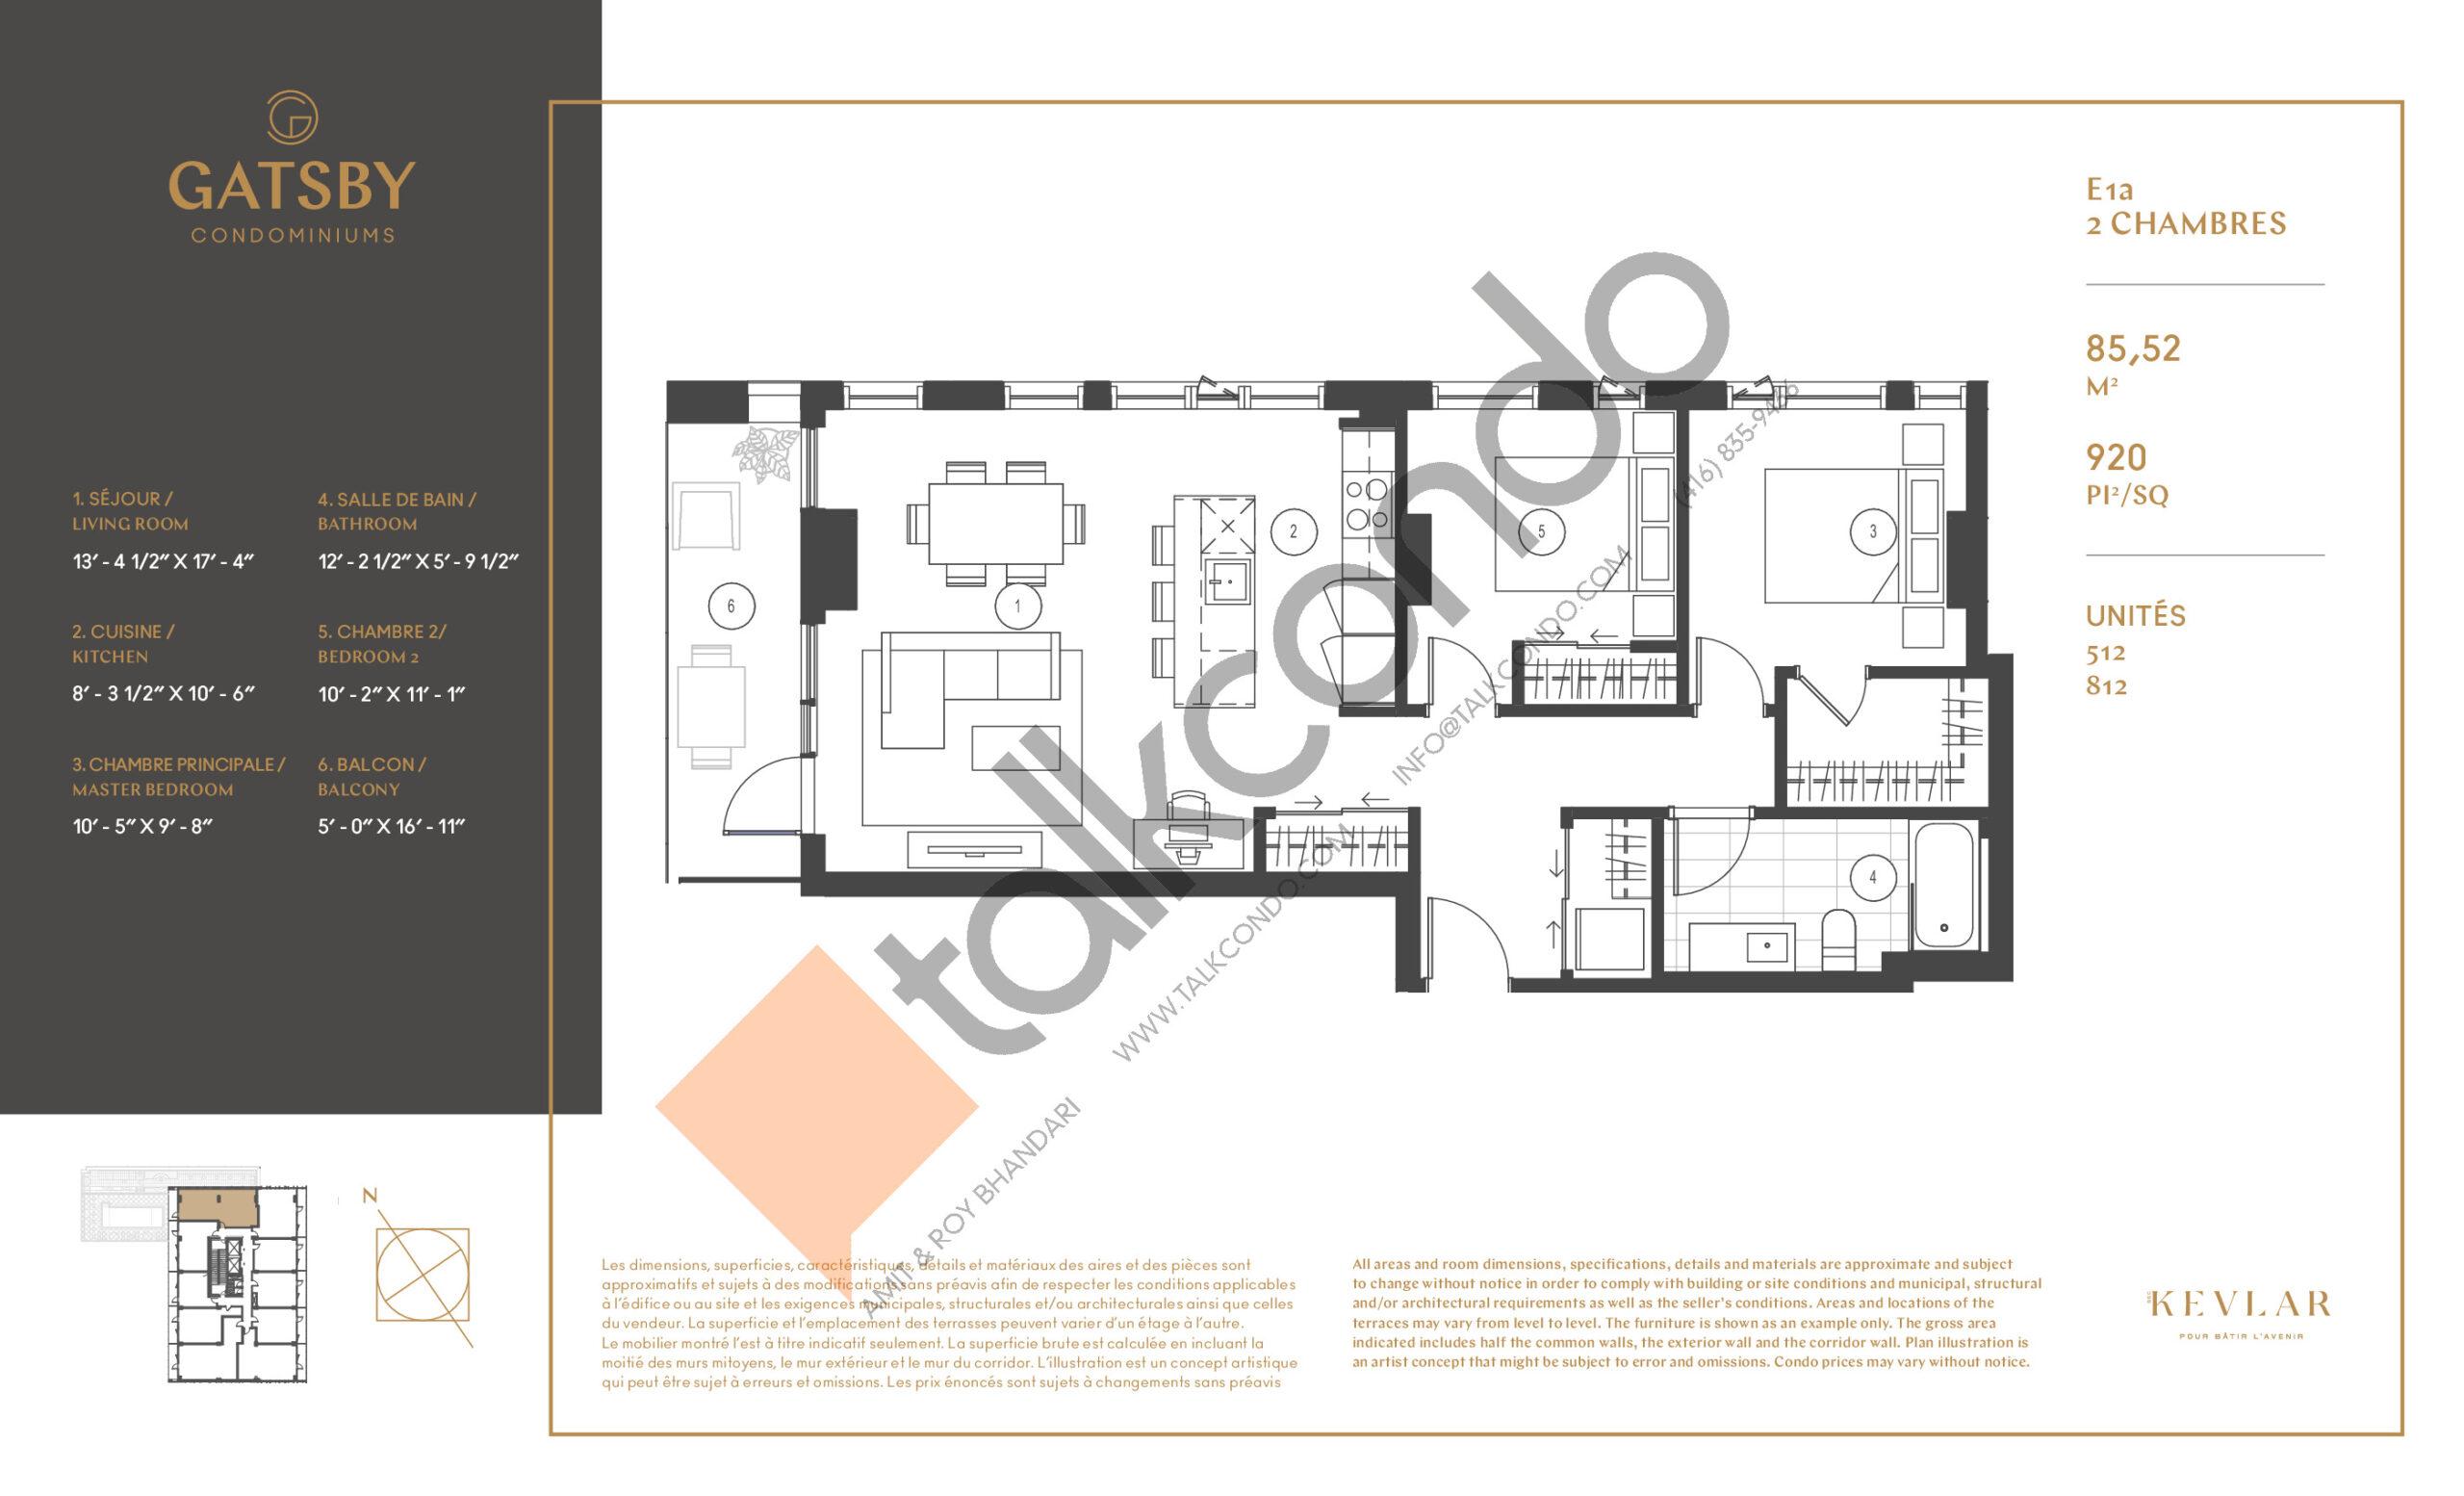 E1a Floor Plan at Gatsby Condos - 920 sq.ft